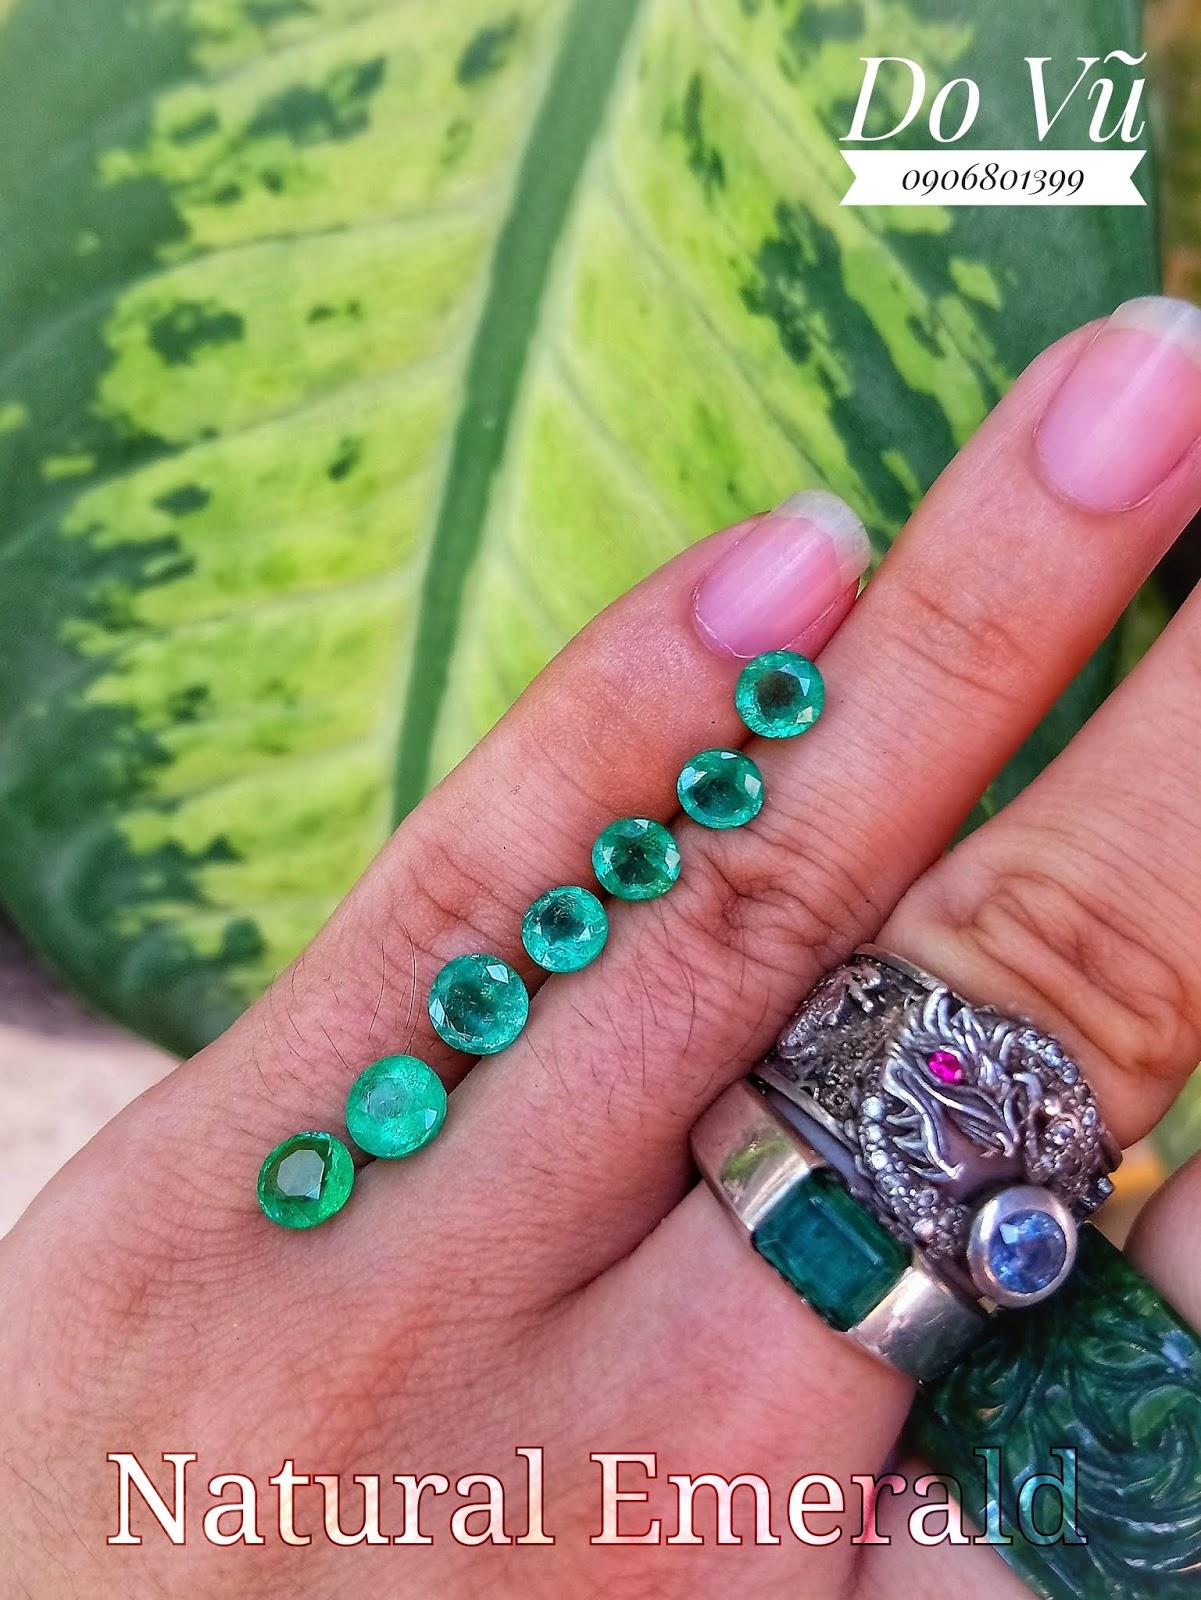 Đá quý Ngọc Lục Bảo thiên nhiên, Natural Emerald giác tròn chất ngọc xanh chuẩn ( 10/4/20, 01 )